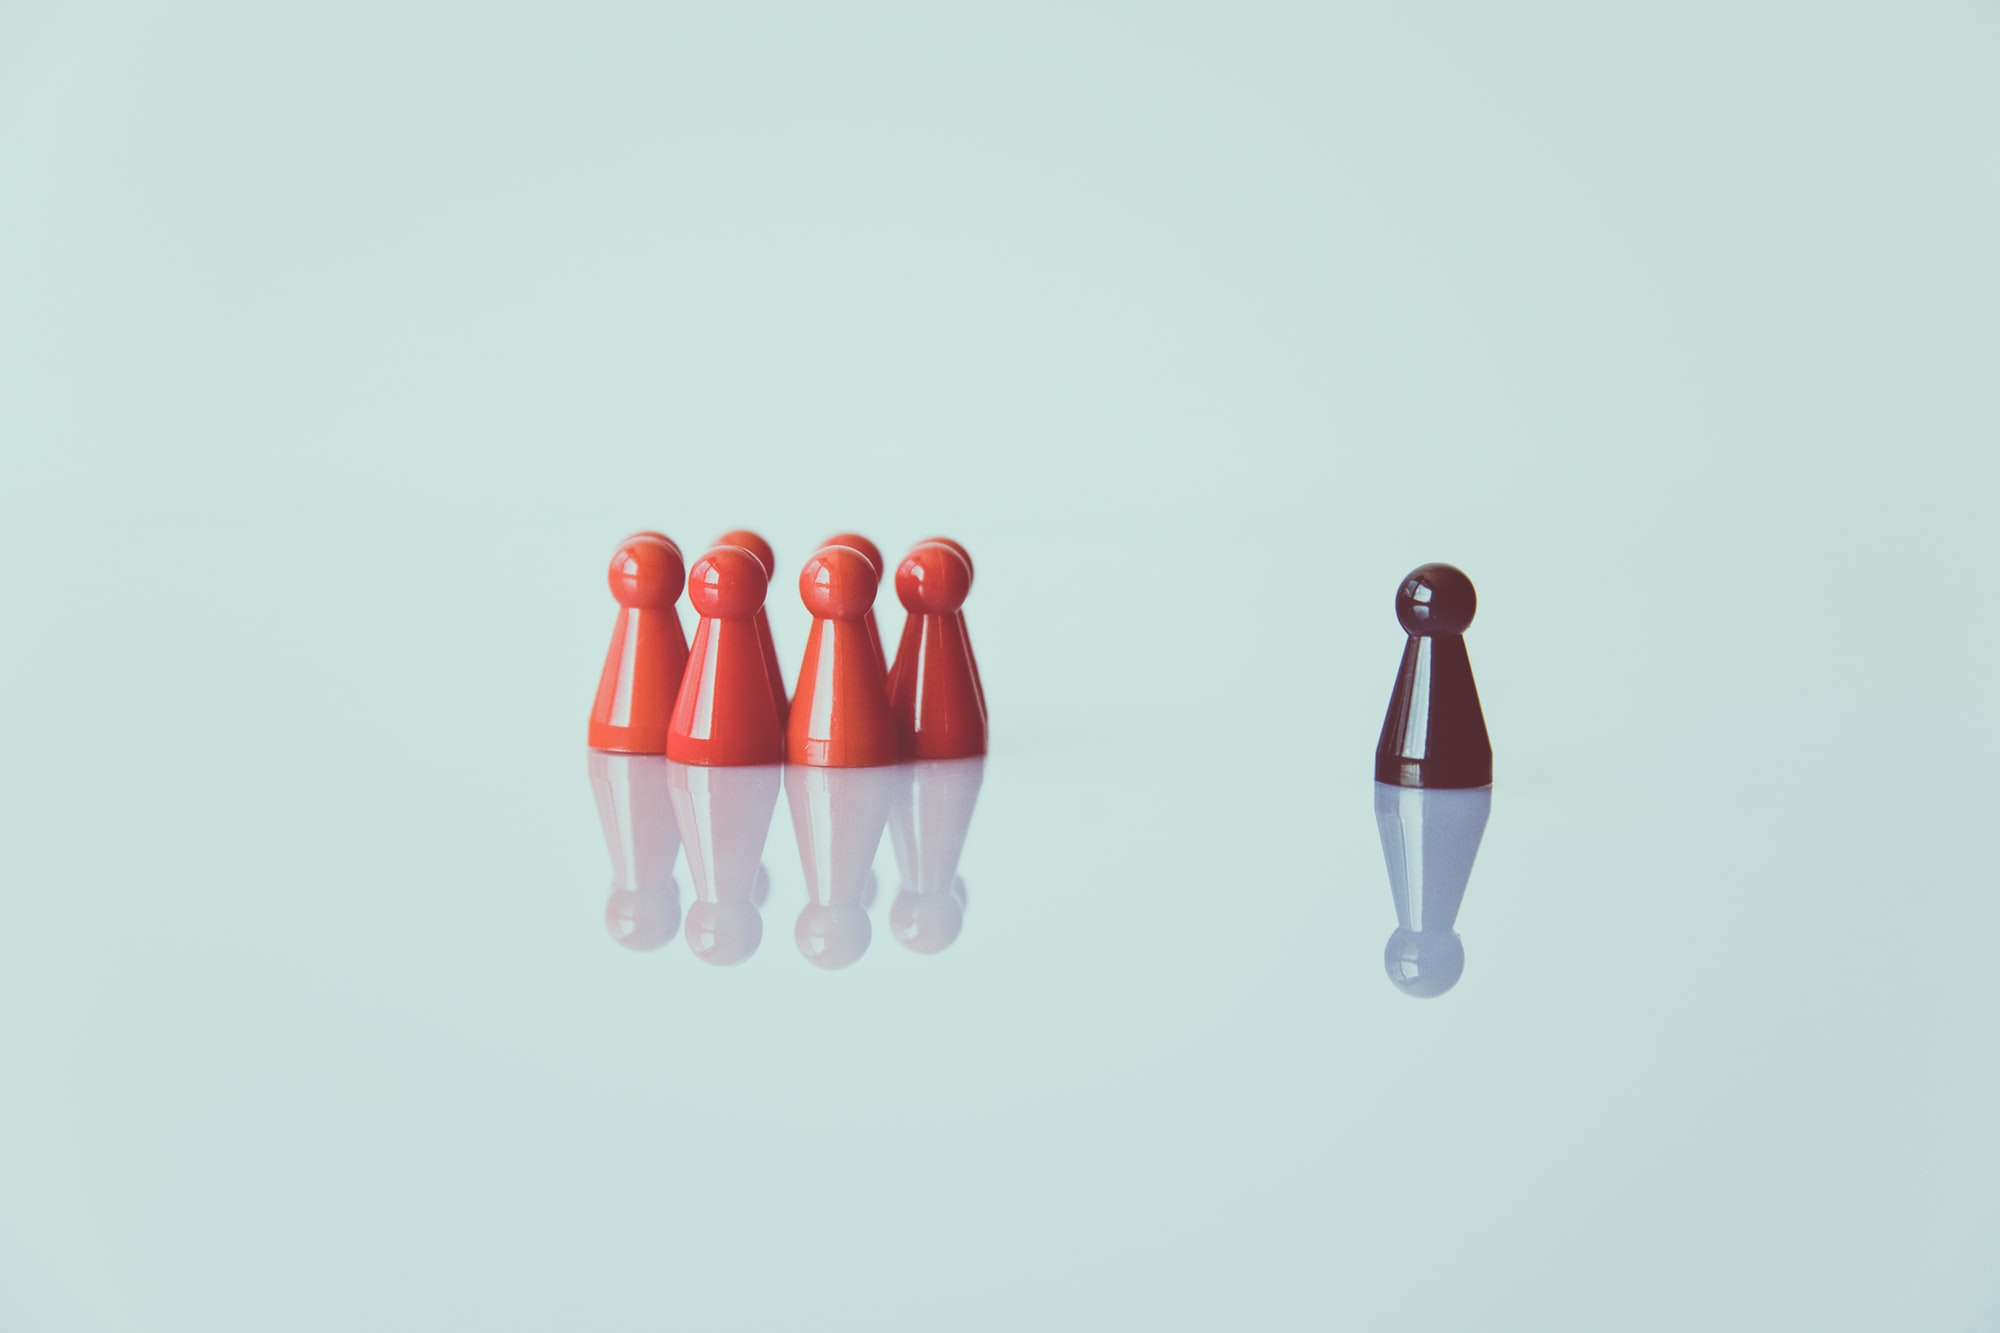 #7 種族歧視